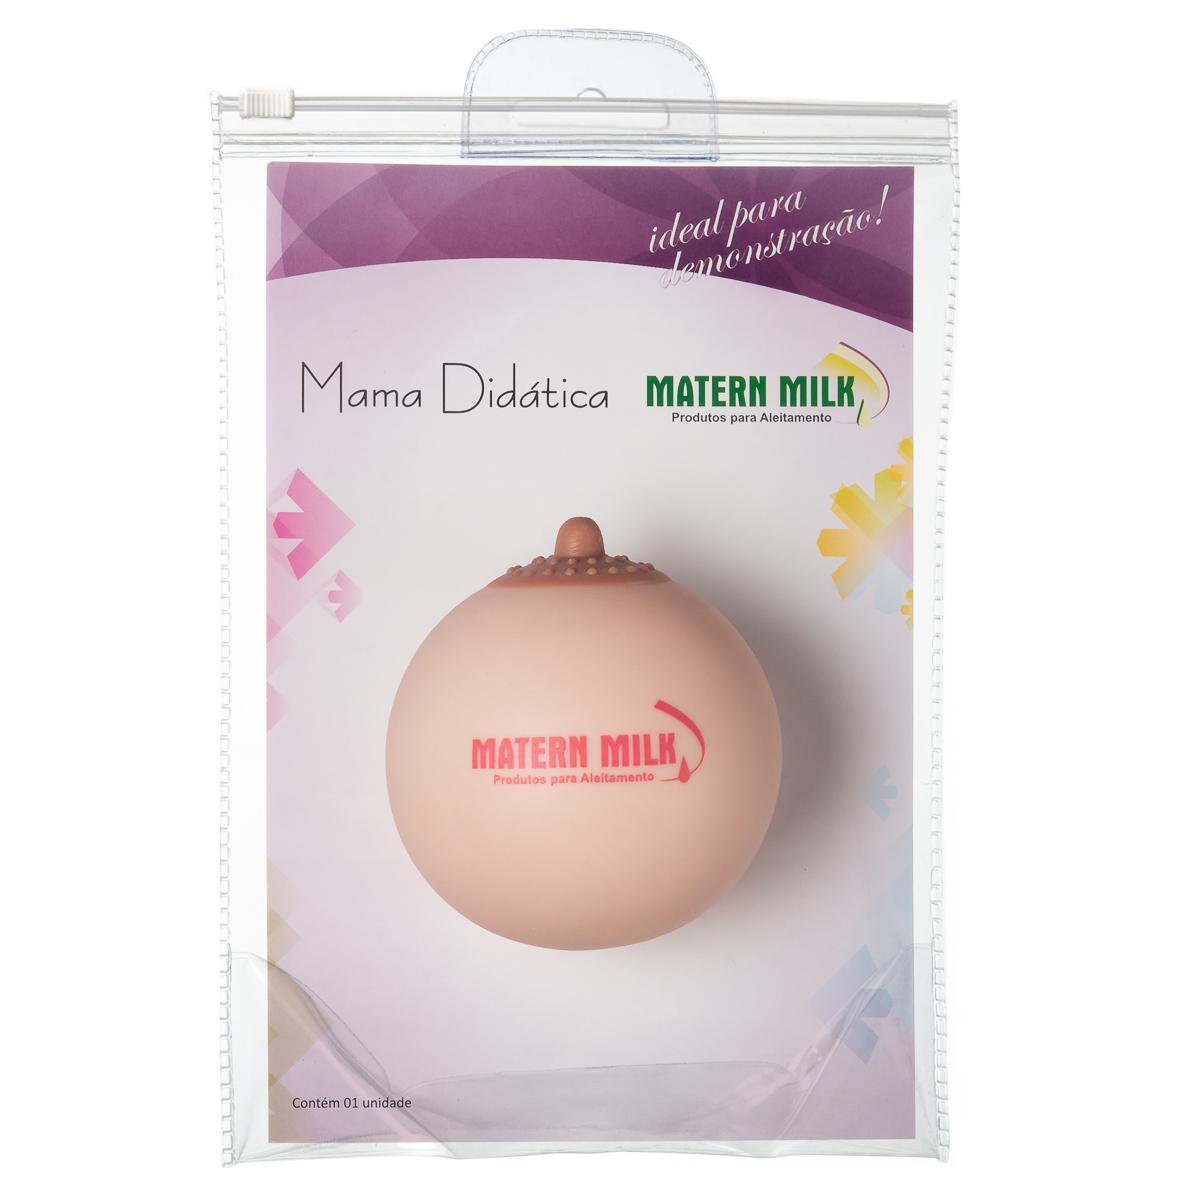 Mamas Didática Matern Milk - Com 3 unid.